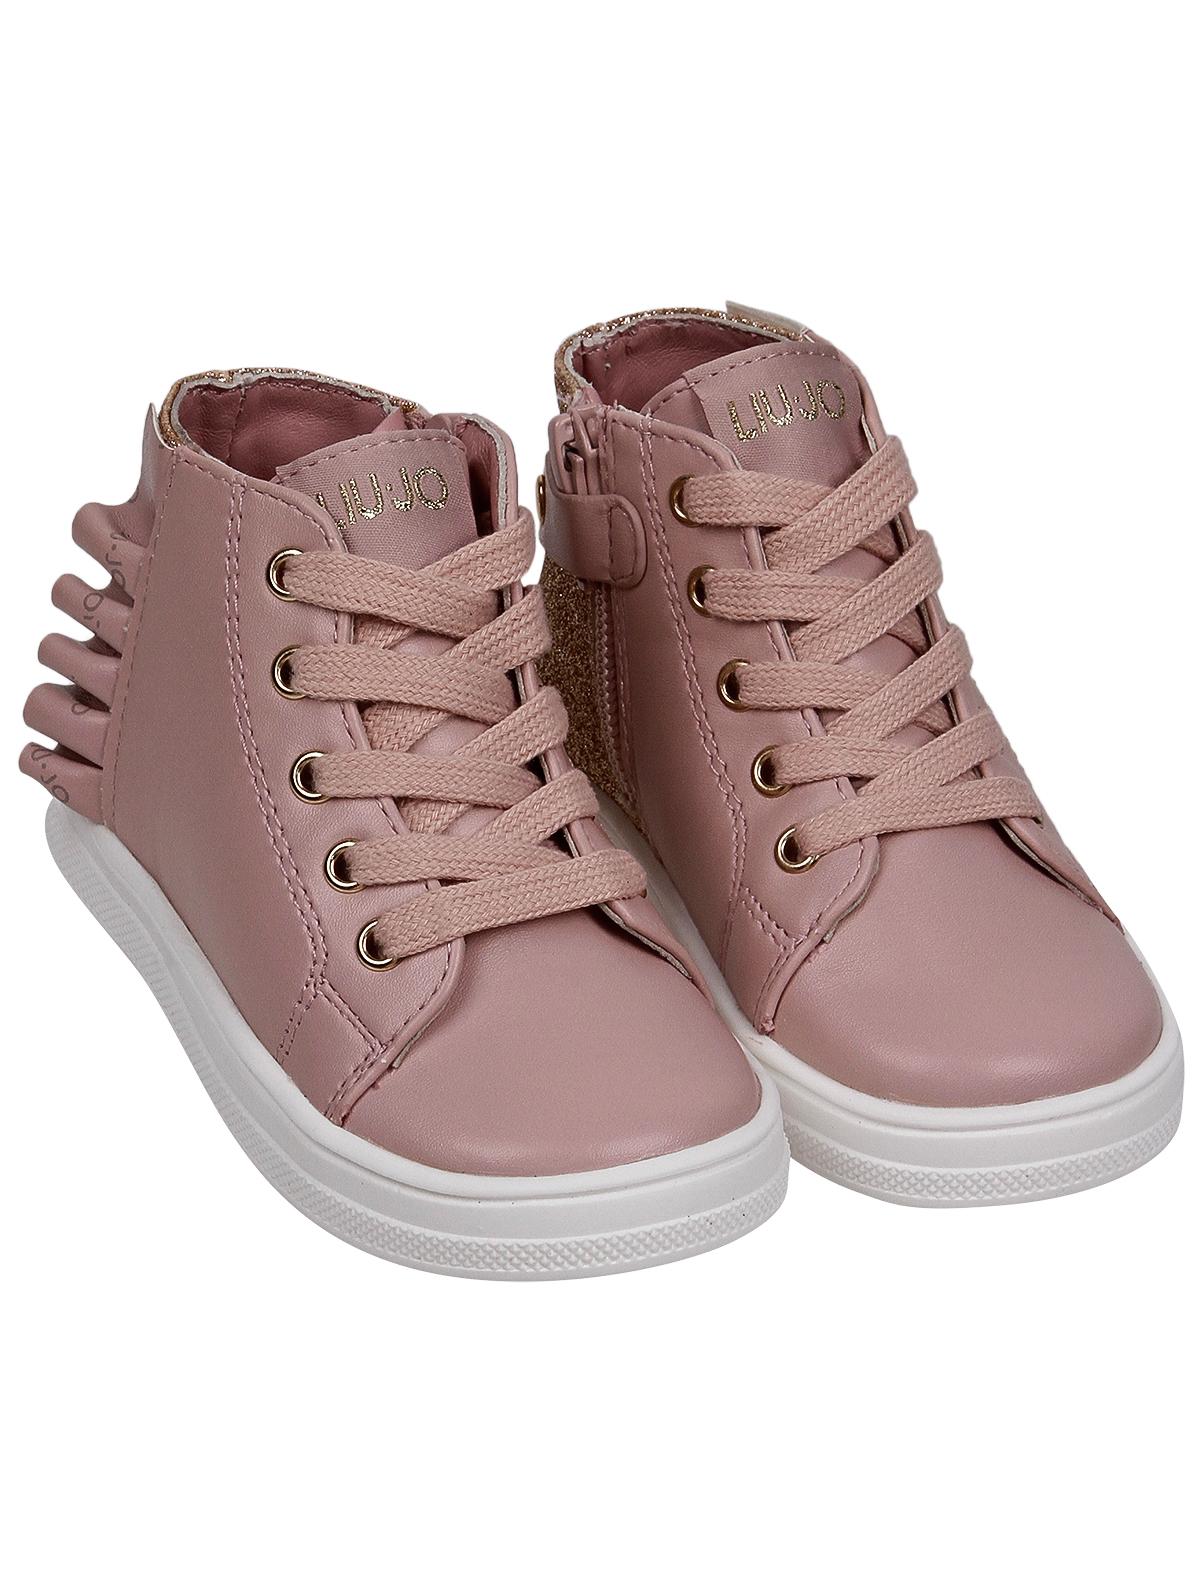 Купить 2254753, Ботинки Liu Jo Junior, розовый, Женский, 2034509083408